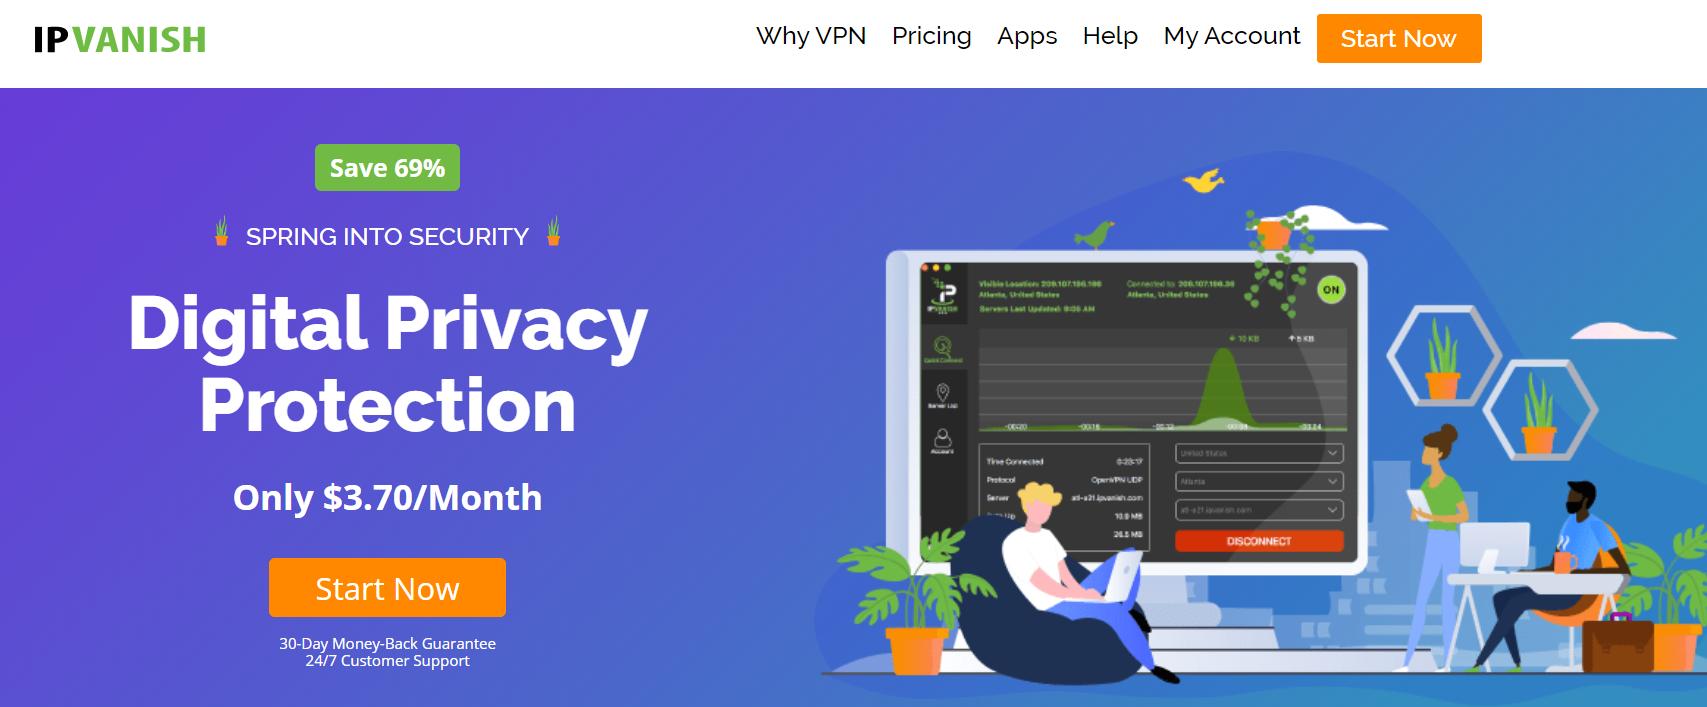 NordVPN Vs IPVanish - IPVanish VPN